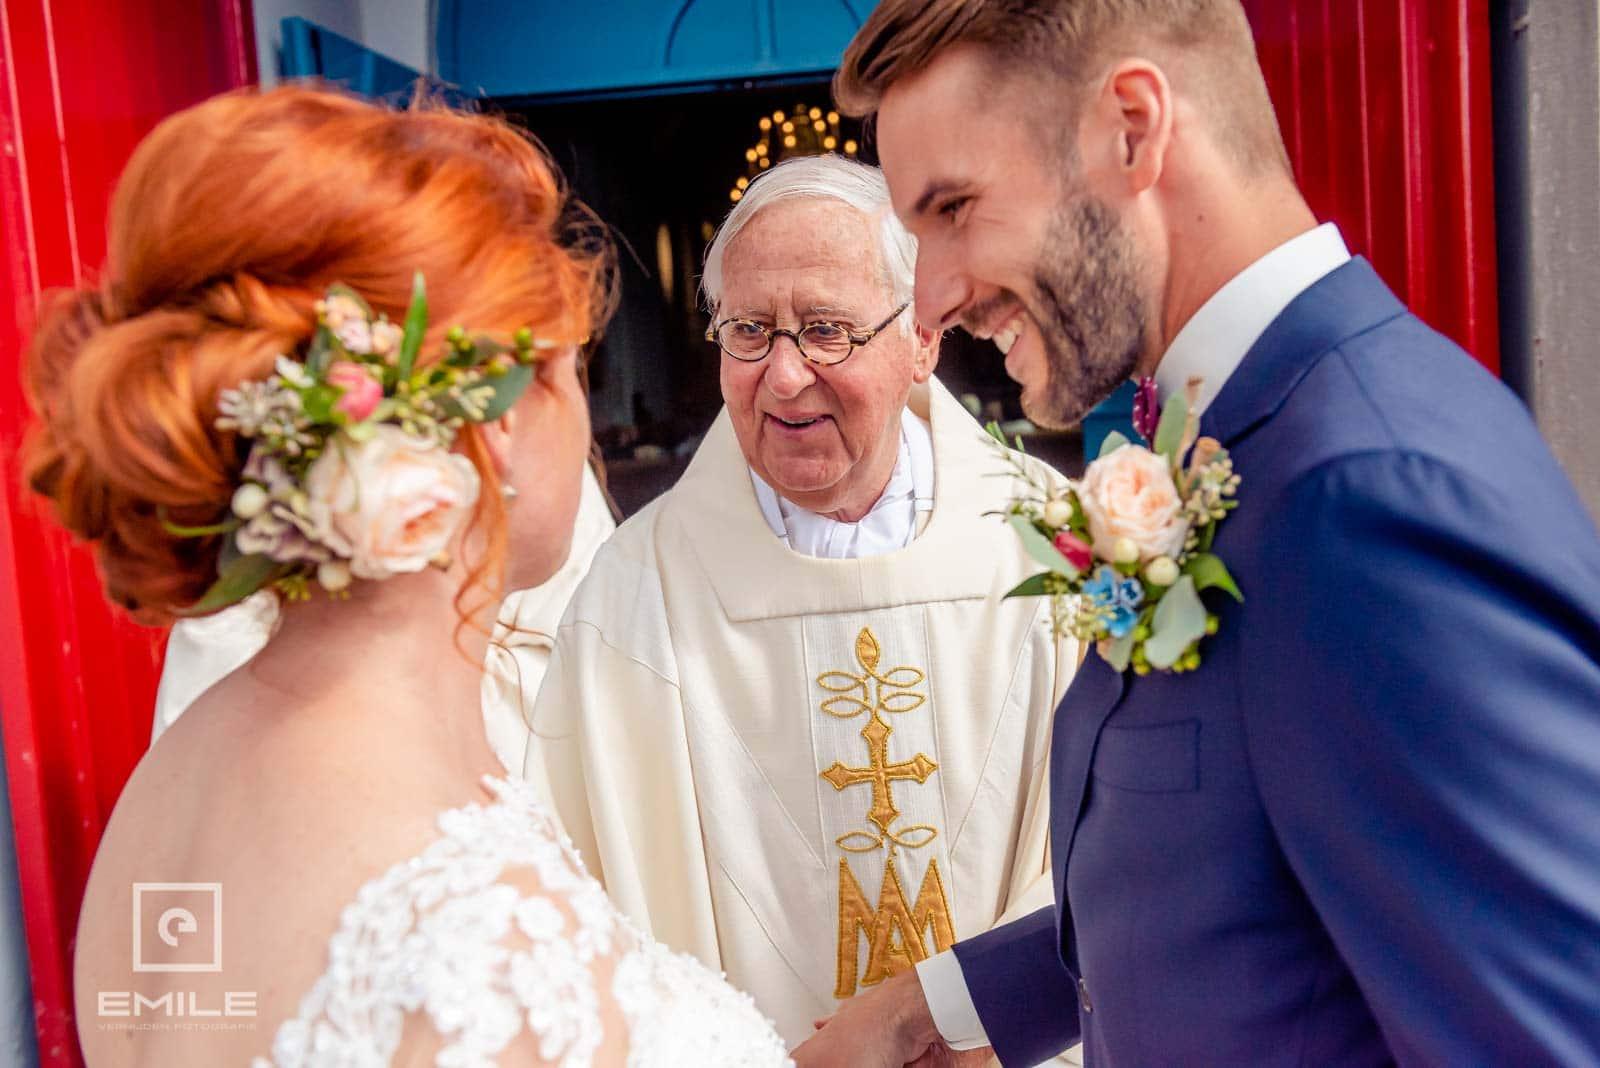 Pastoor van Wylre begroet het bruidspaar